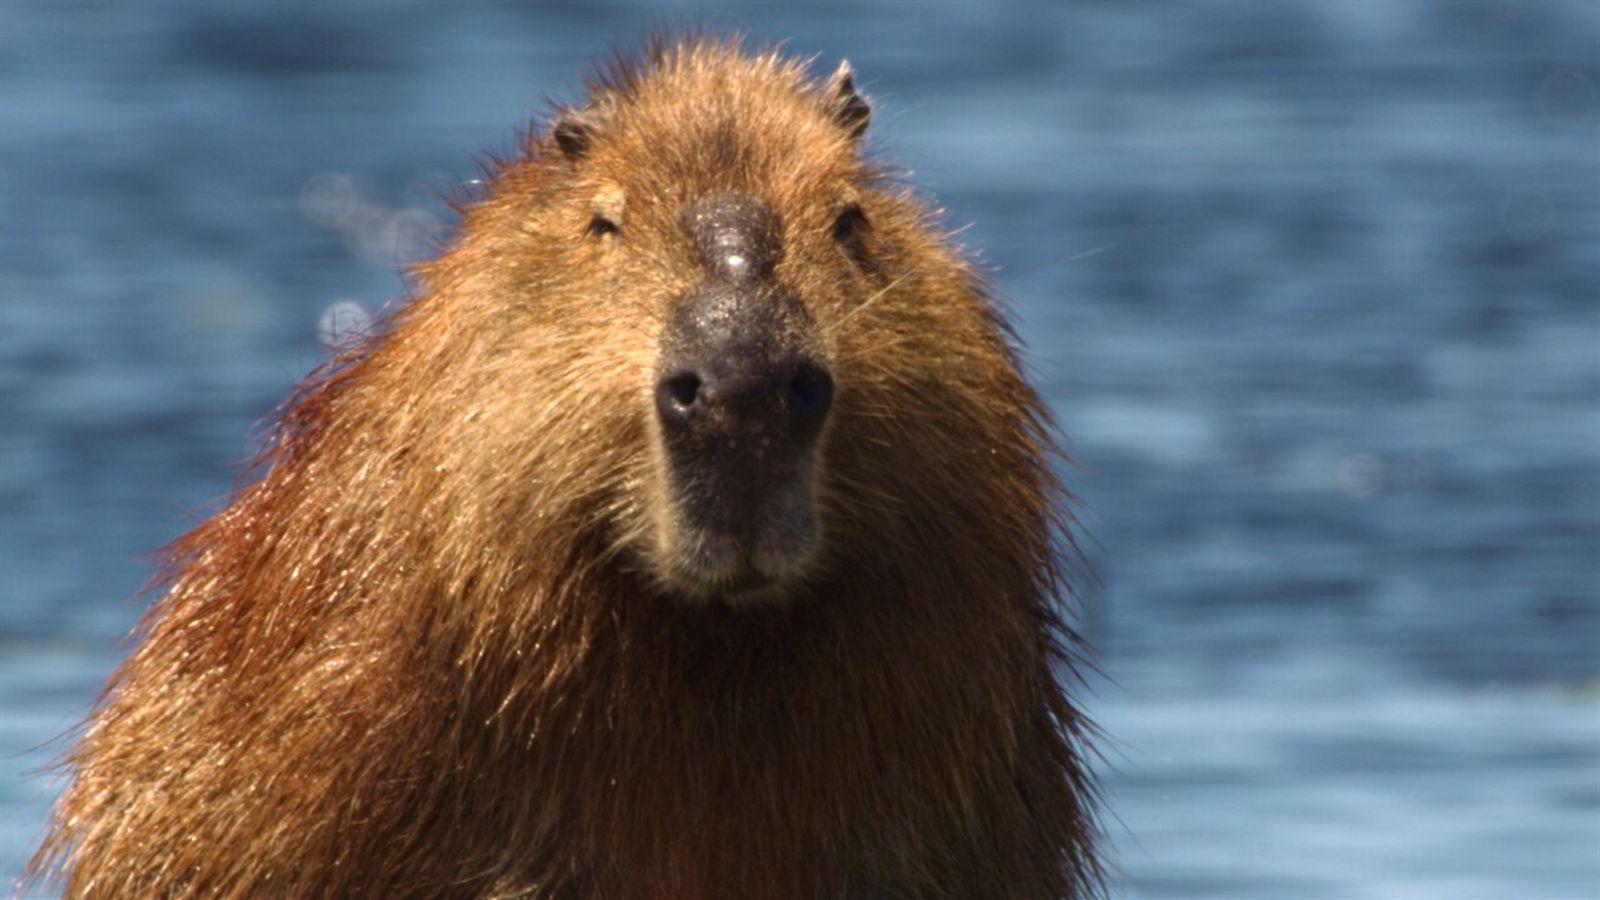 Los capibaras y los caimanes compiten por el espacio